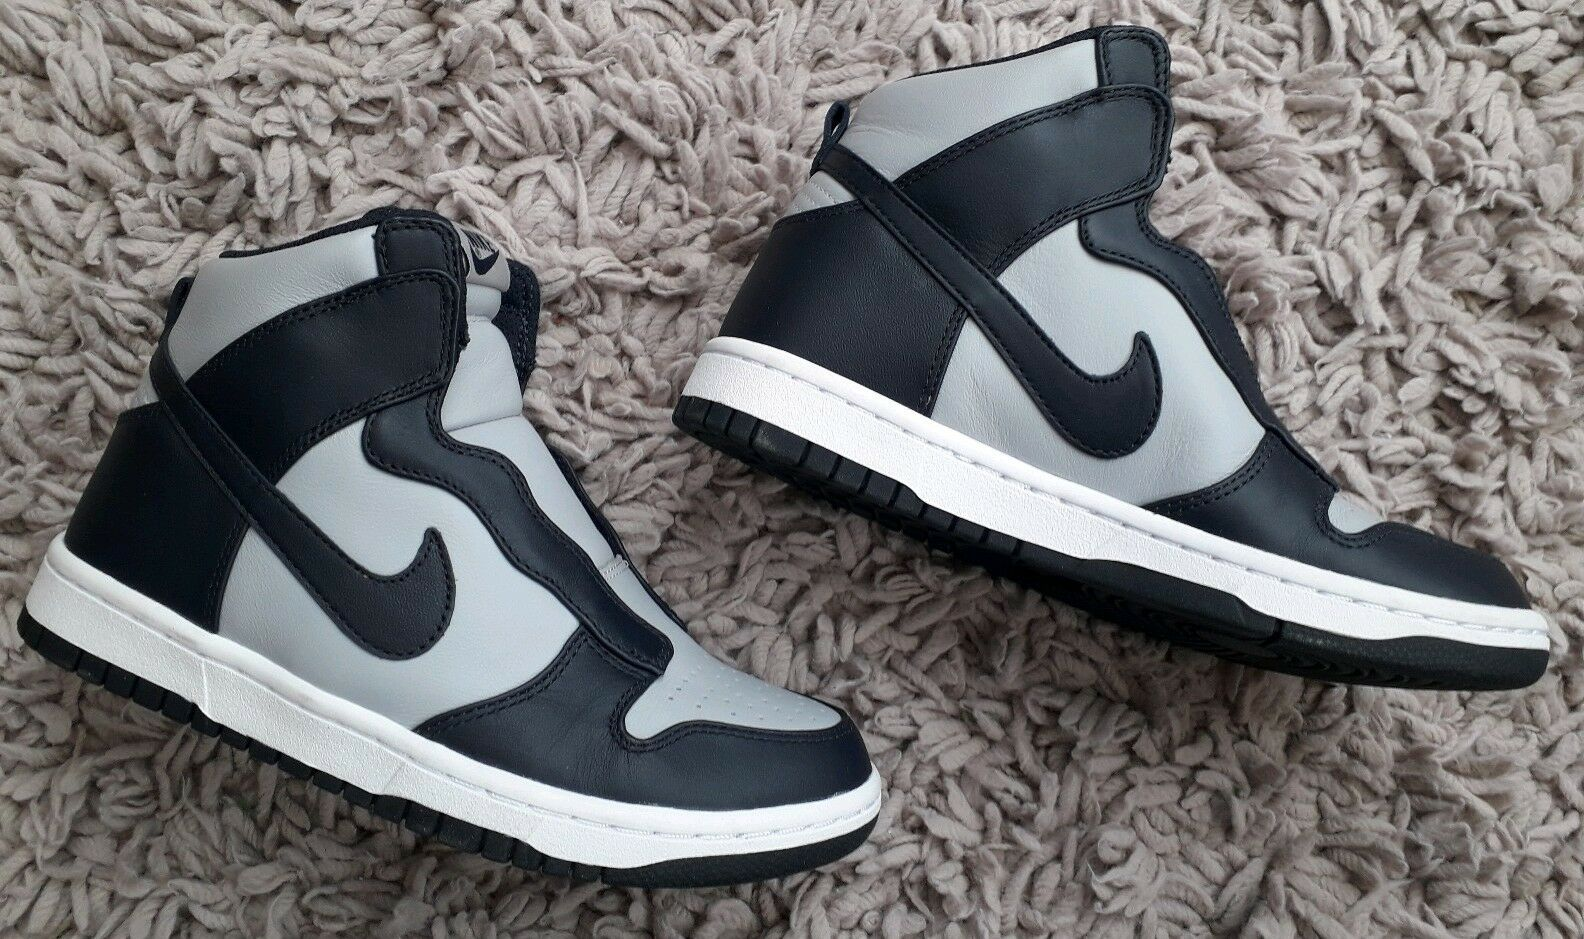 Nike Dunk LUX SACAI Da Donna Ragazze Ginnastica Misura MOCASSINI MOCASSINI MOCASSINI LACCI 6214e8